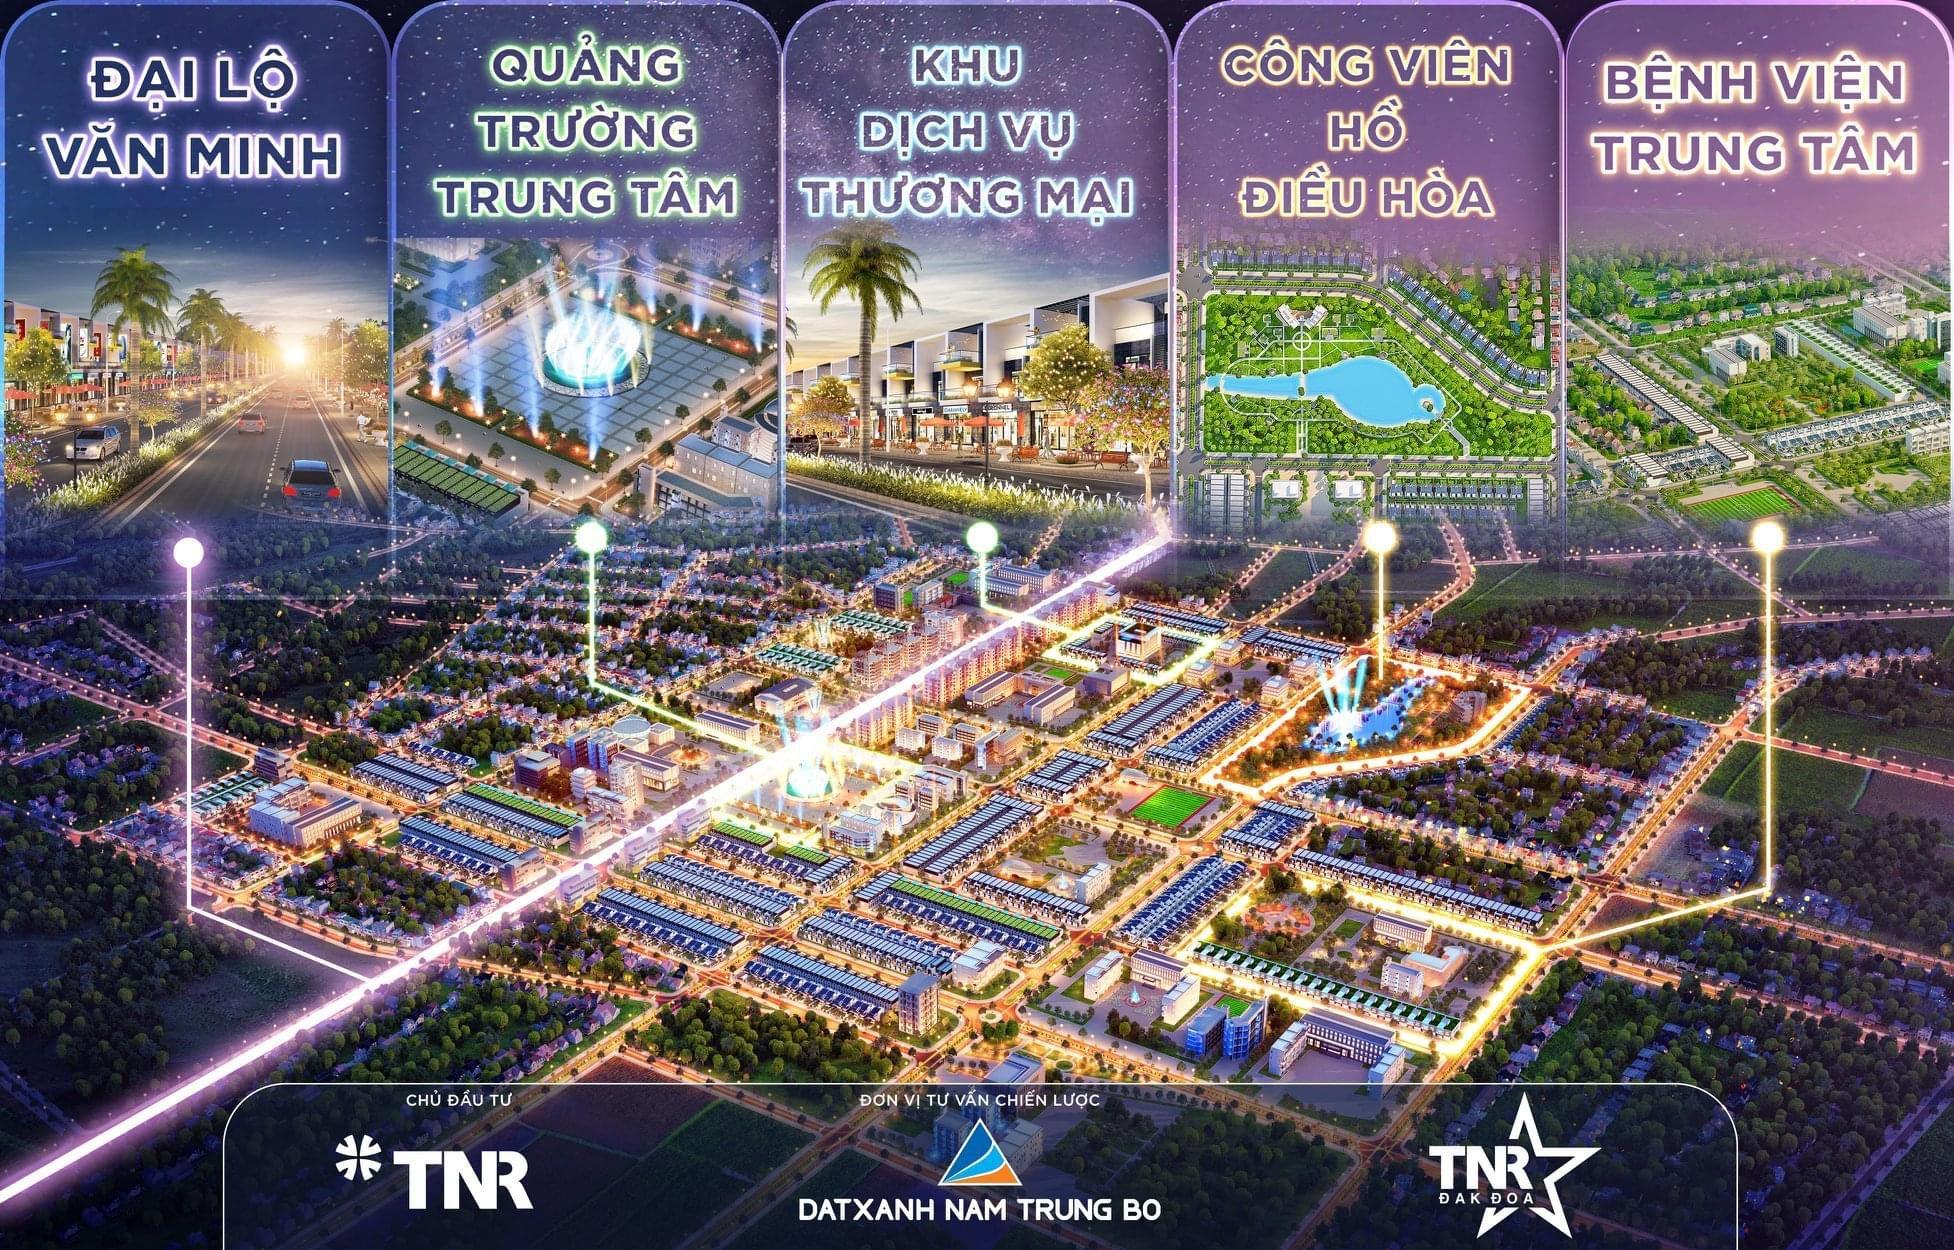 Đầu tư đất ngay TT Hành Chính Huyện Đak Đoa, Gia Lai chỉ với 550 Triệu